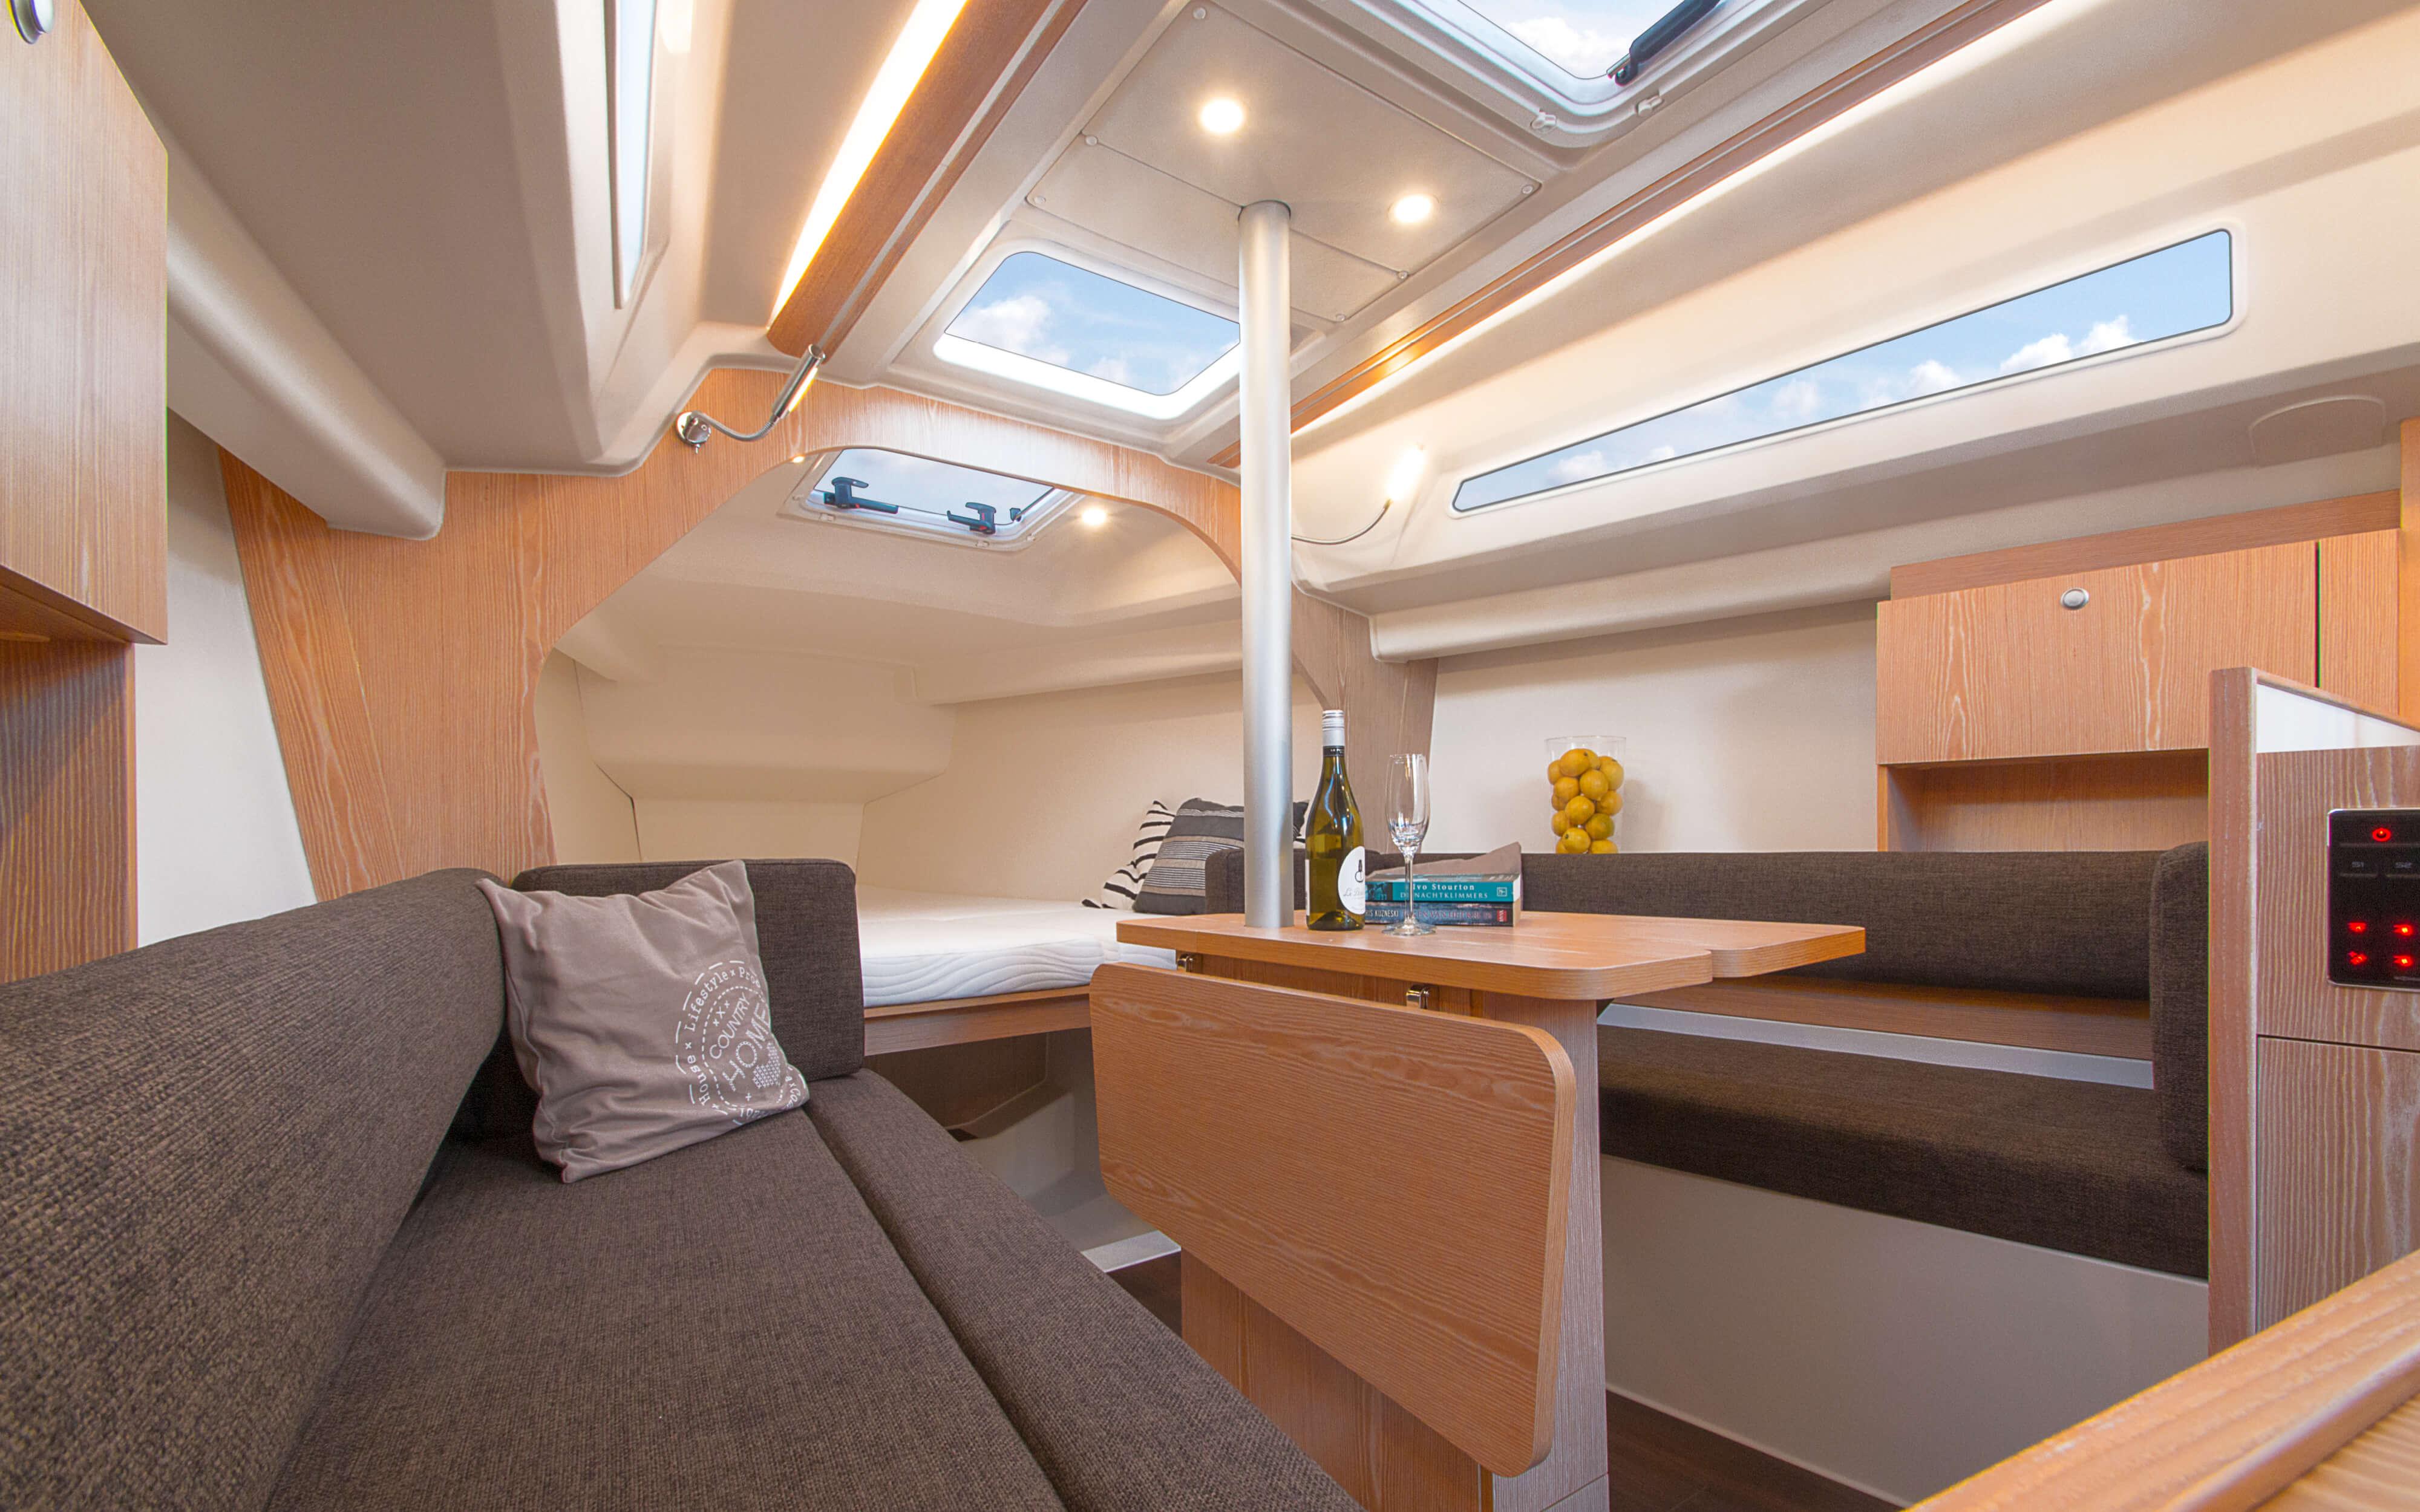 Hanse 315 | Çeşitli yerleşim seçenekleri ve kaliteli kumaşlar, zarif ahşaplar, moda renkler, seçkin zemin malzemeleri ve şık mobilyaların dahil olduğu geniş kombinasyon seçenekleri sayesinde HANSE'nizi kendinize özel, benzersiz bir yata dönüştürebilirsiniz. | Hanse